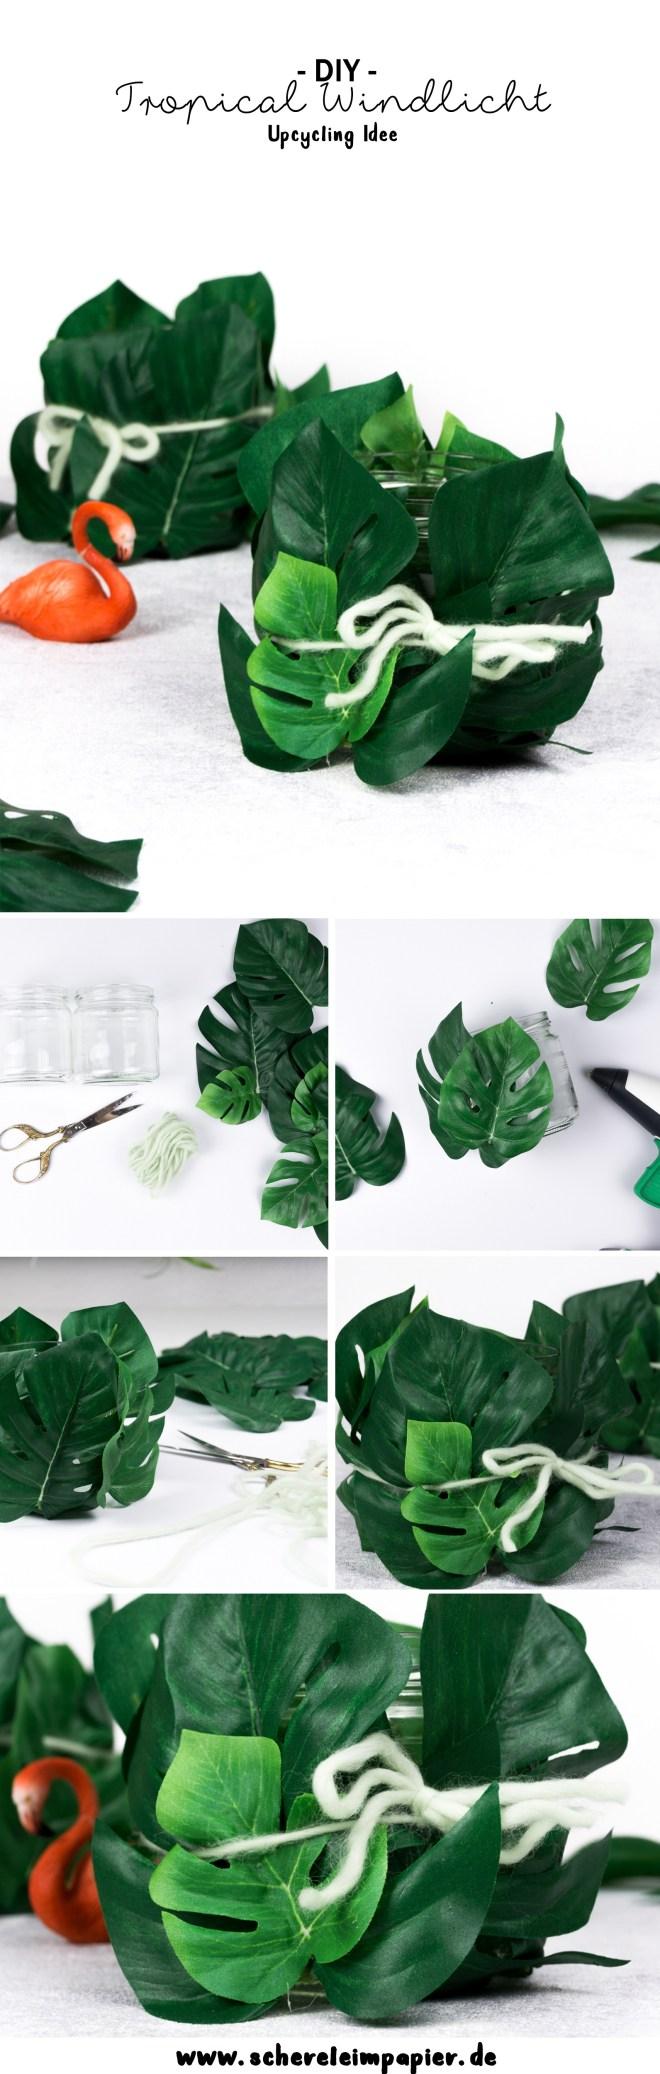 schereleimpapier DIY und Upcycling Blog aus Berlin - kreative Tutorials für Geschenke, Möbel und Deko zum Basteln - DIY Tropical Windlichter basteln